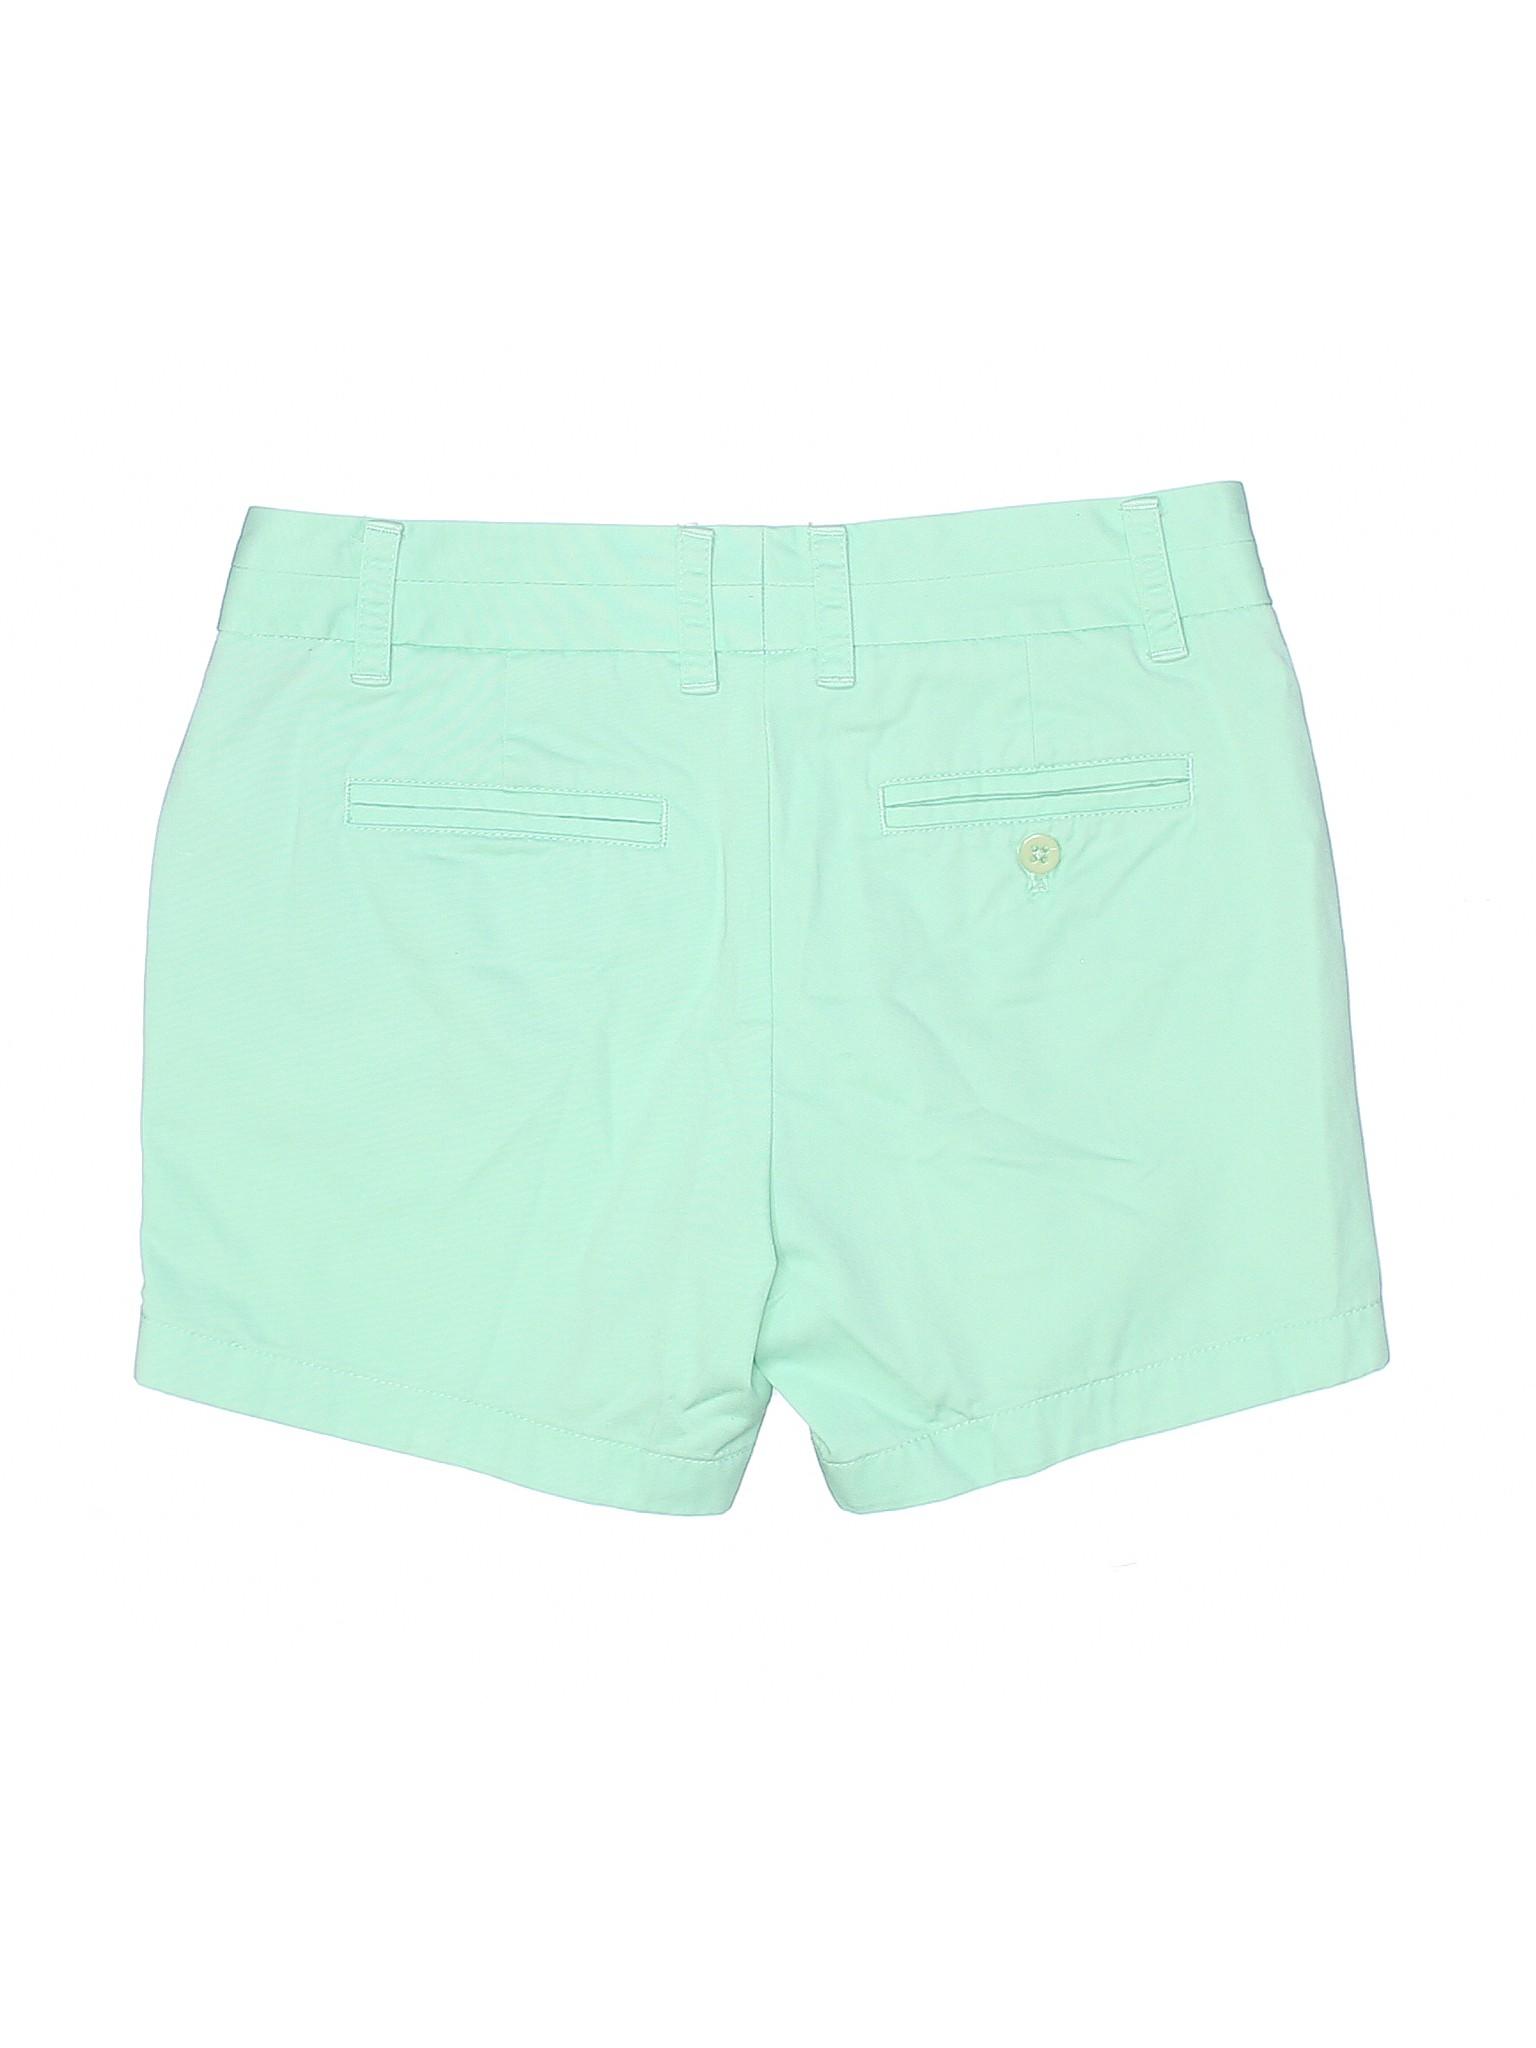 Boutique Boutique Shorts J Crew J 5q8Oqxrg